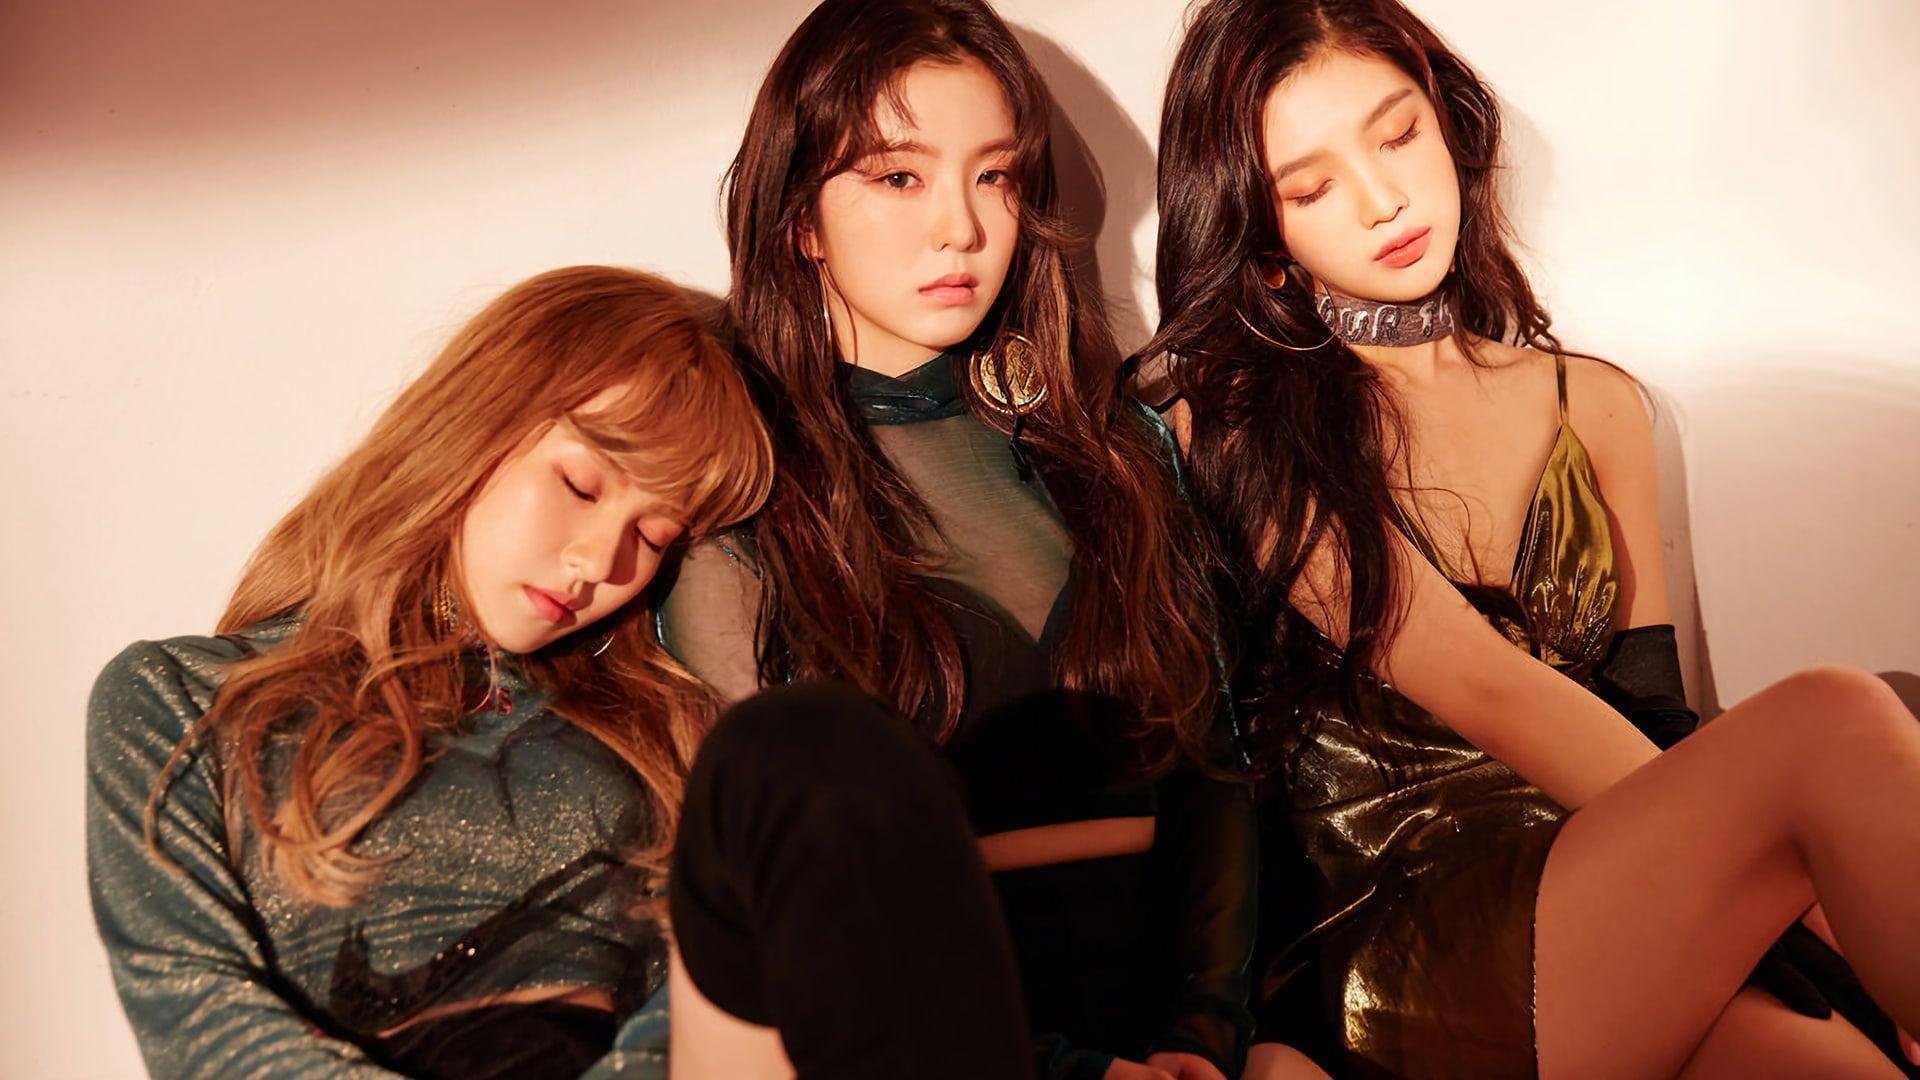 Irene Red Velvet Wendy Red Velvet K Pop Korean Redvelvet Joy Red Velvet Women 1080p Wallpaper In 2020 Red Velvet Joy Wendy Red Velvet Red Velvet Photoshoot